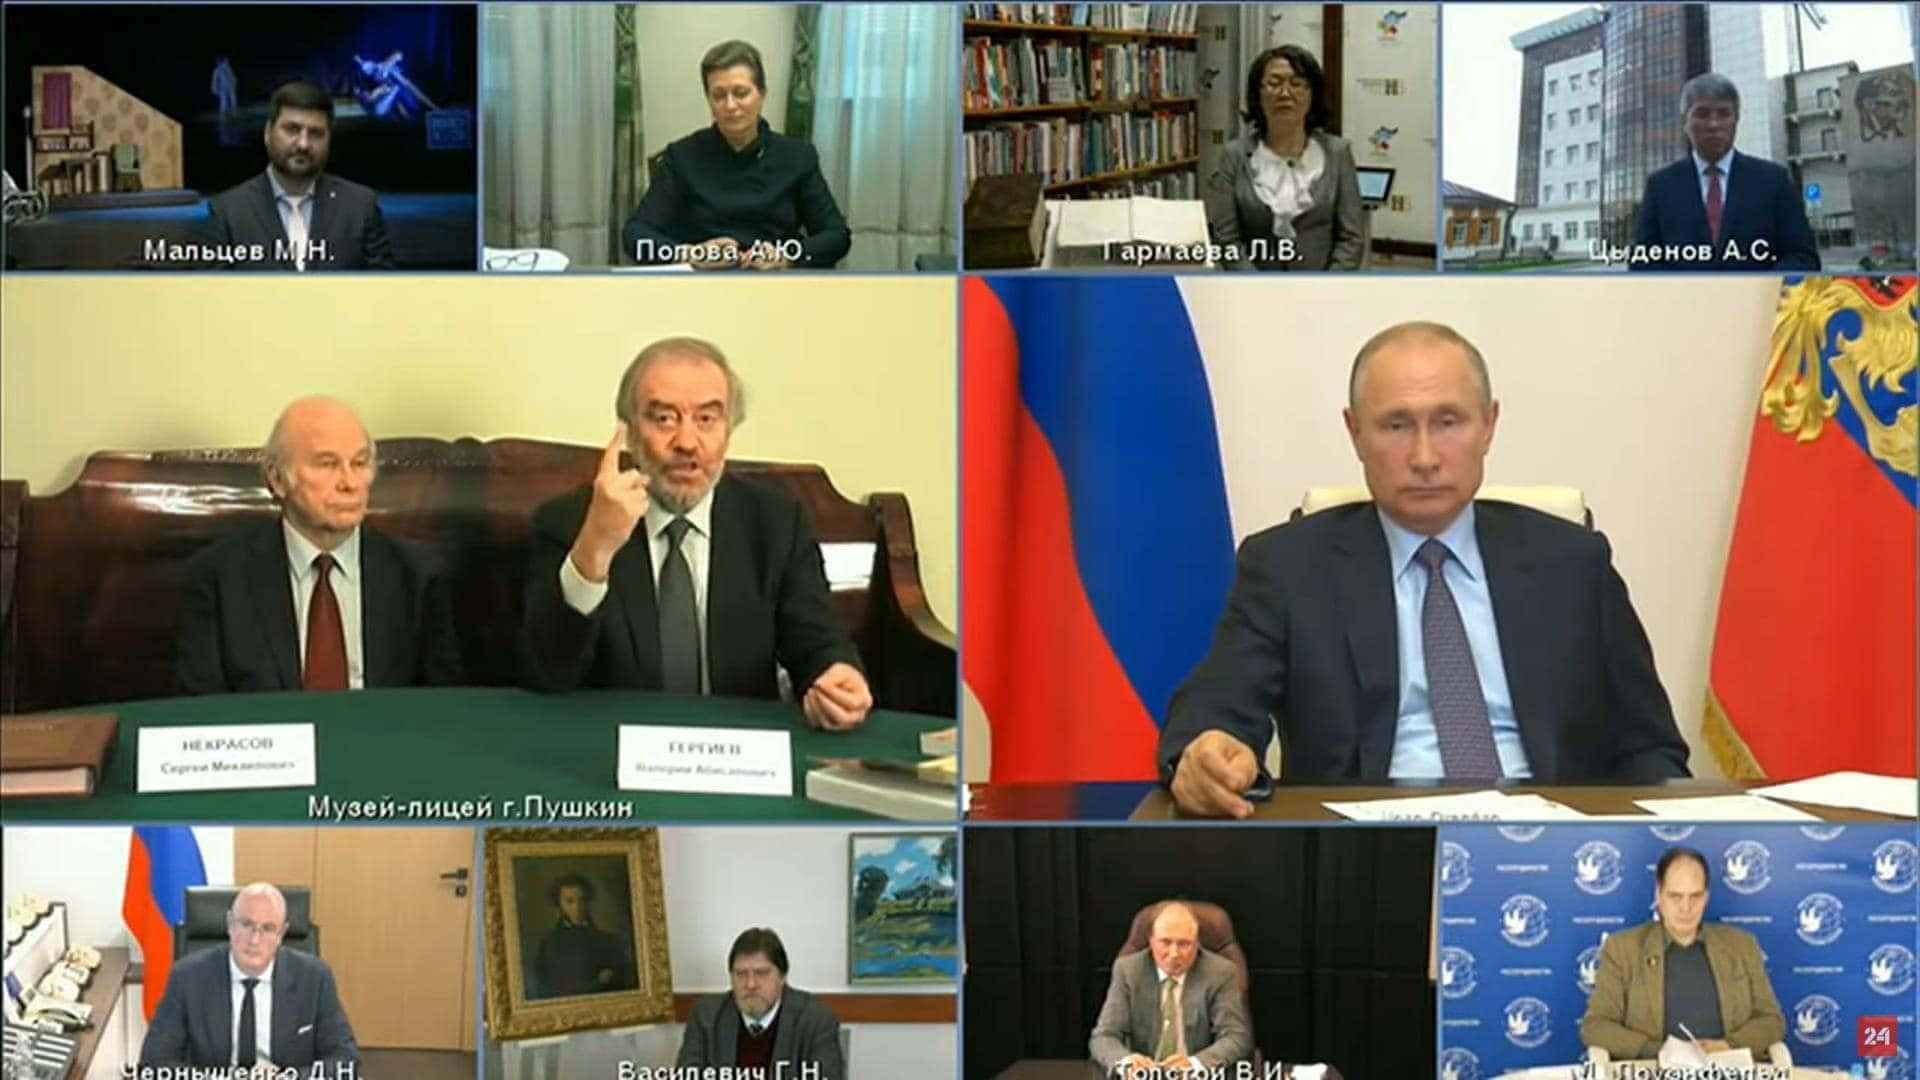 Деятели культуры рассказали о проблемах на встрече с президентом России.